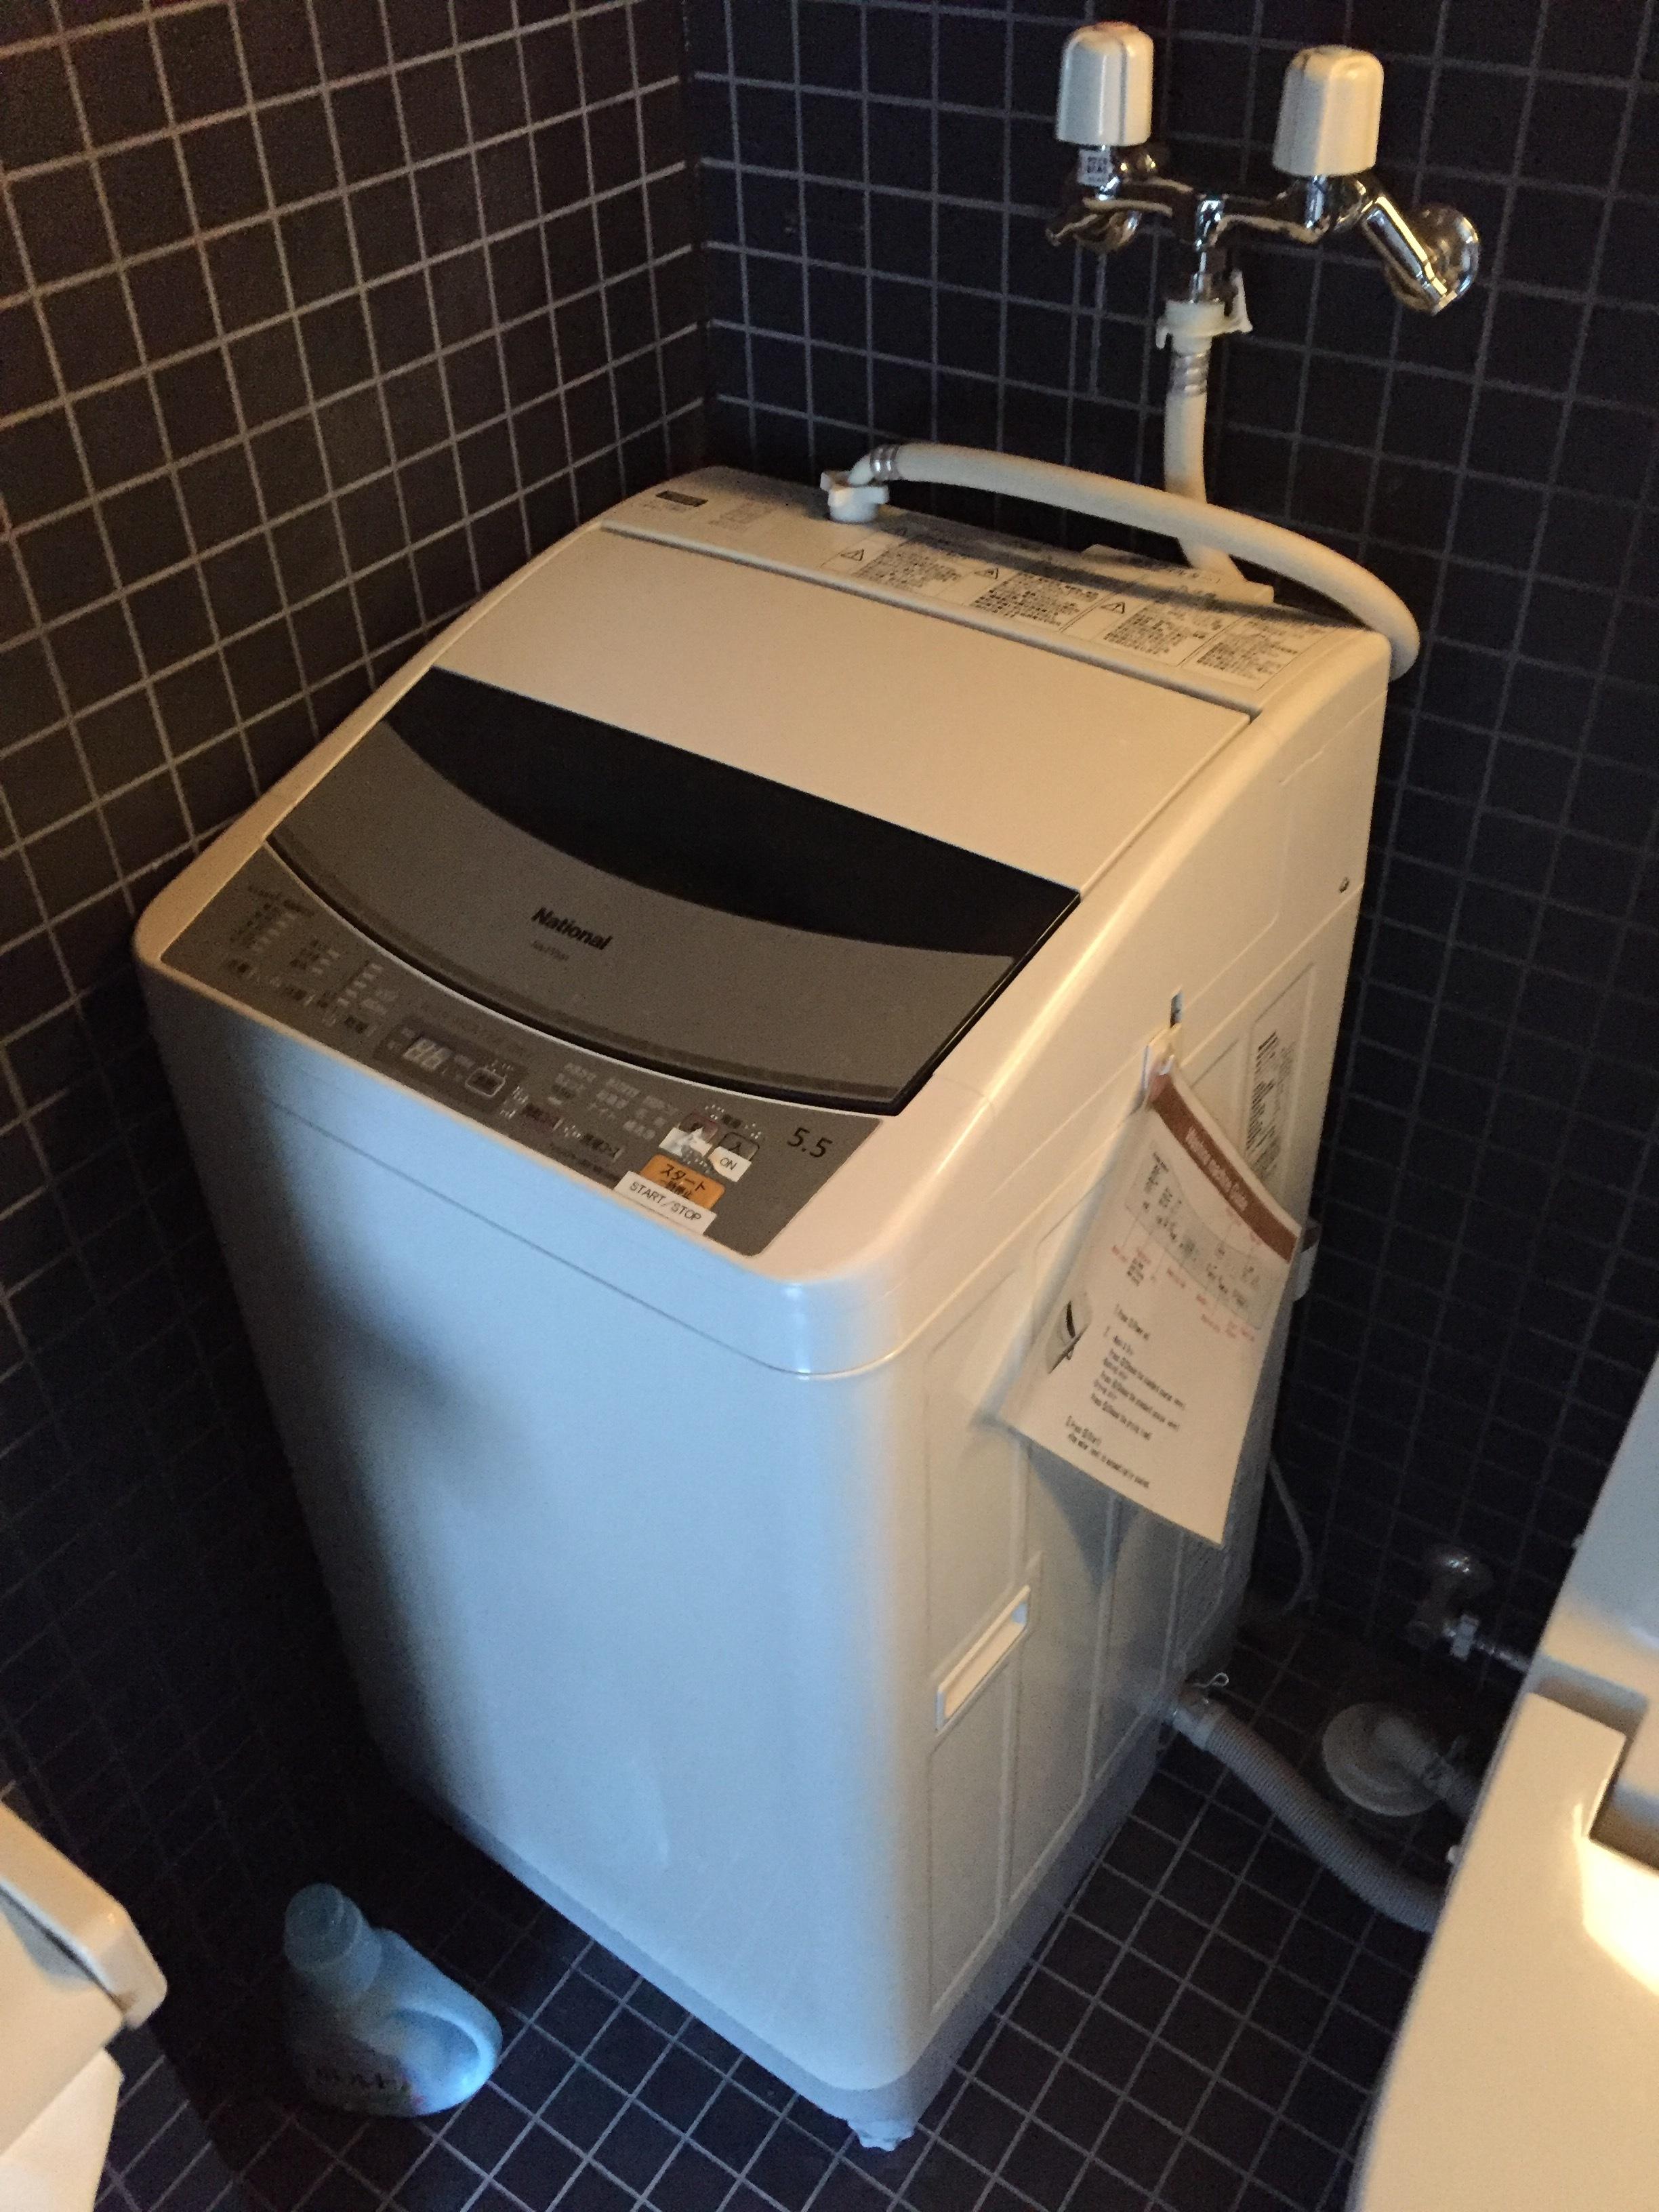 Washing machine and underfloor heating